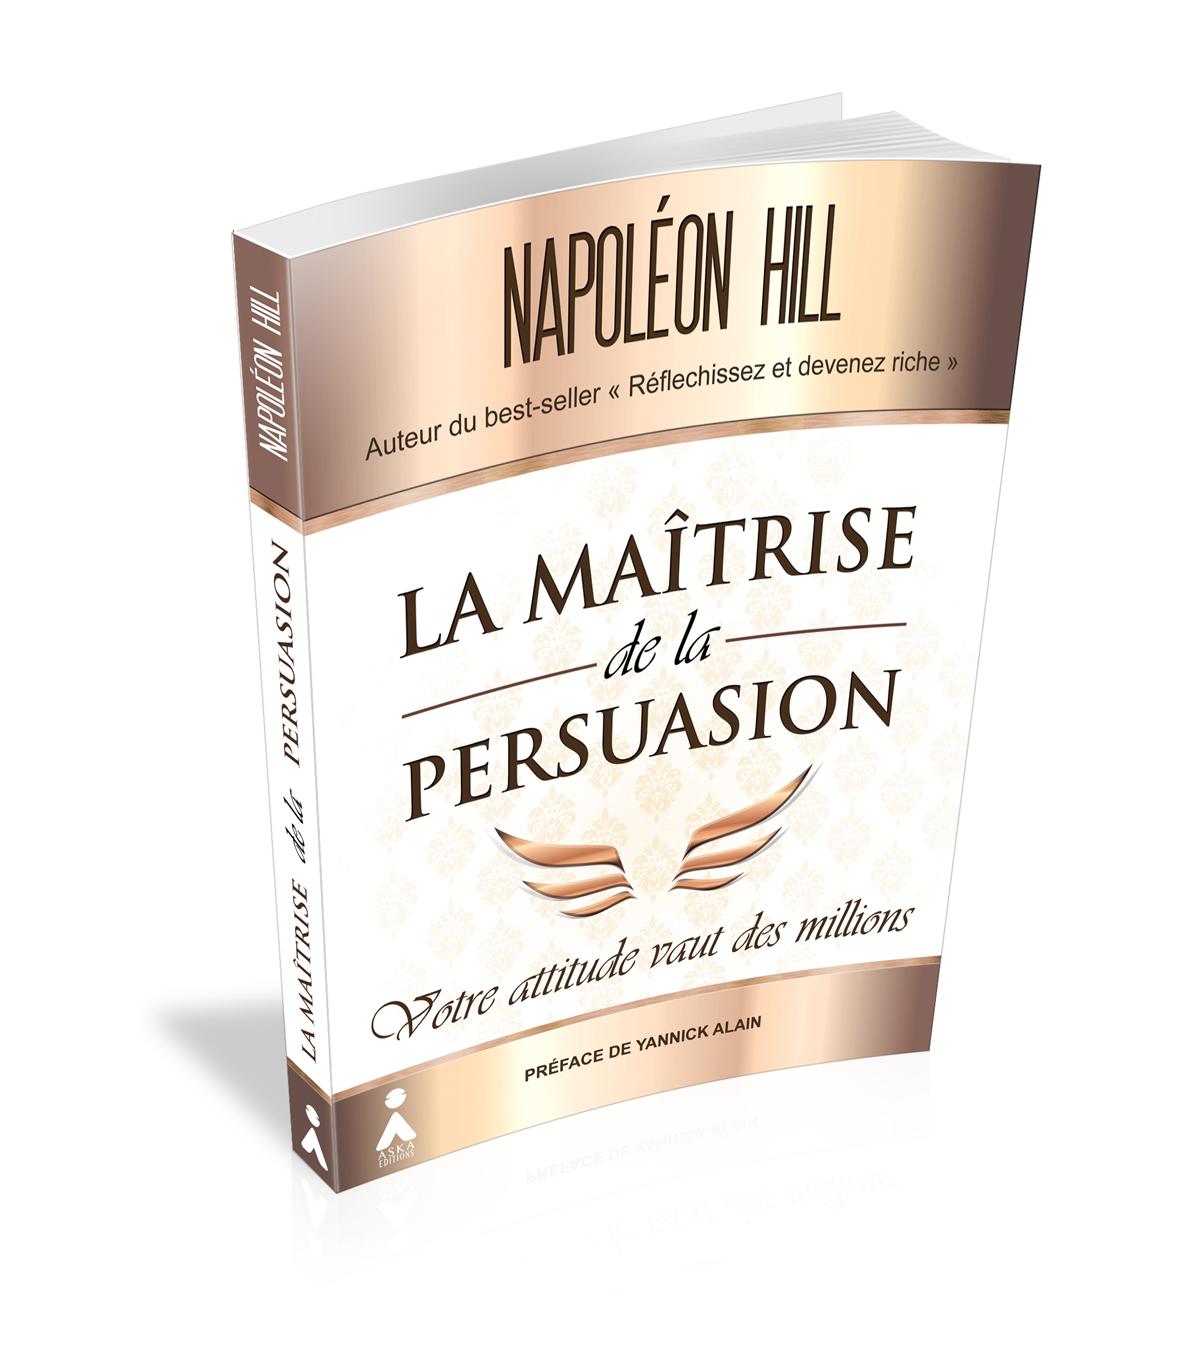 la_maitrise_de_la_persuasion_3d_juin_14_2016